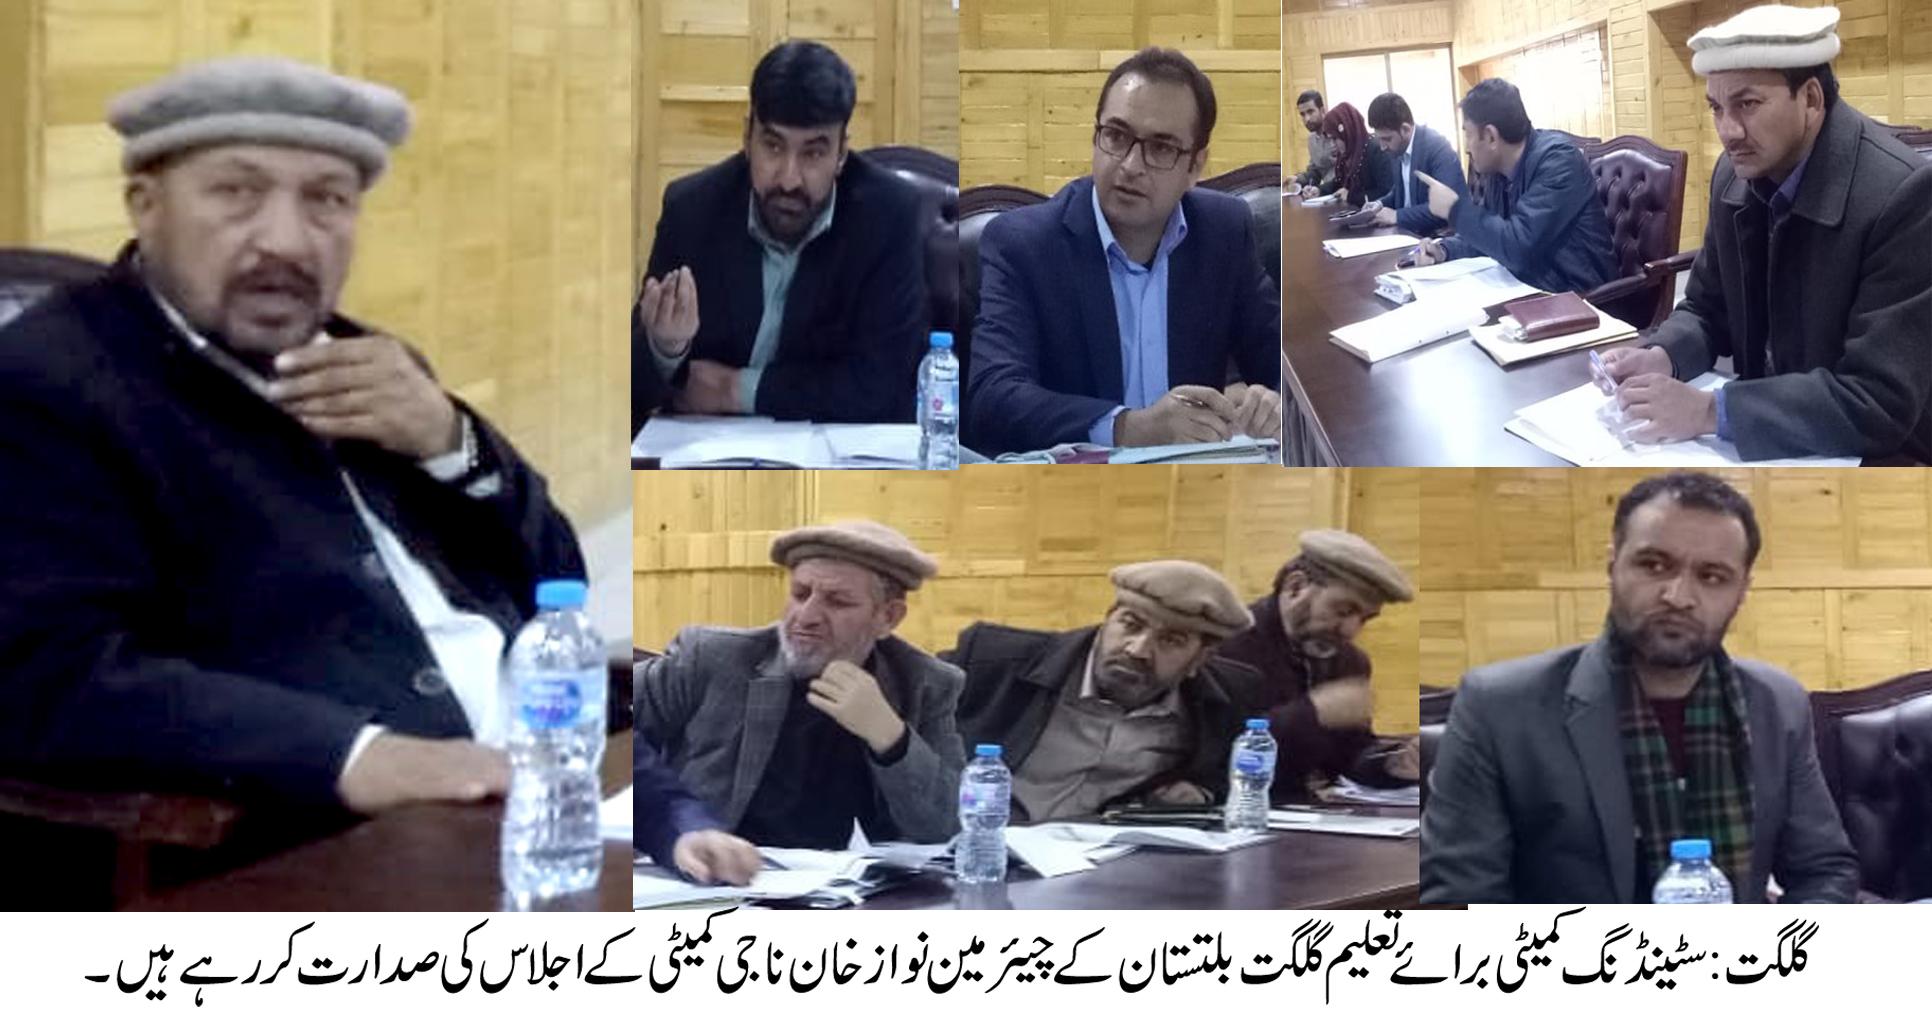 سیپ اساتذہ کو خوشخبری دینے کے لیے بھر پور کوشش ہے، نواز خان ناجی